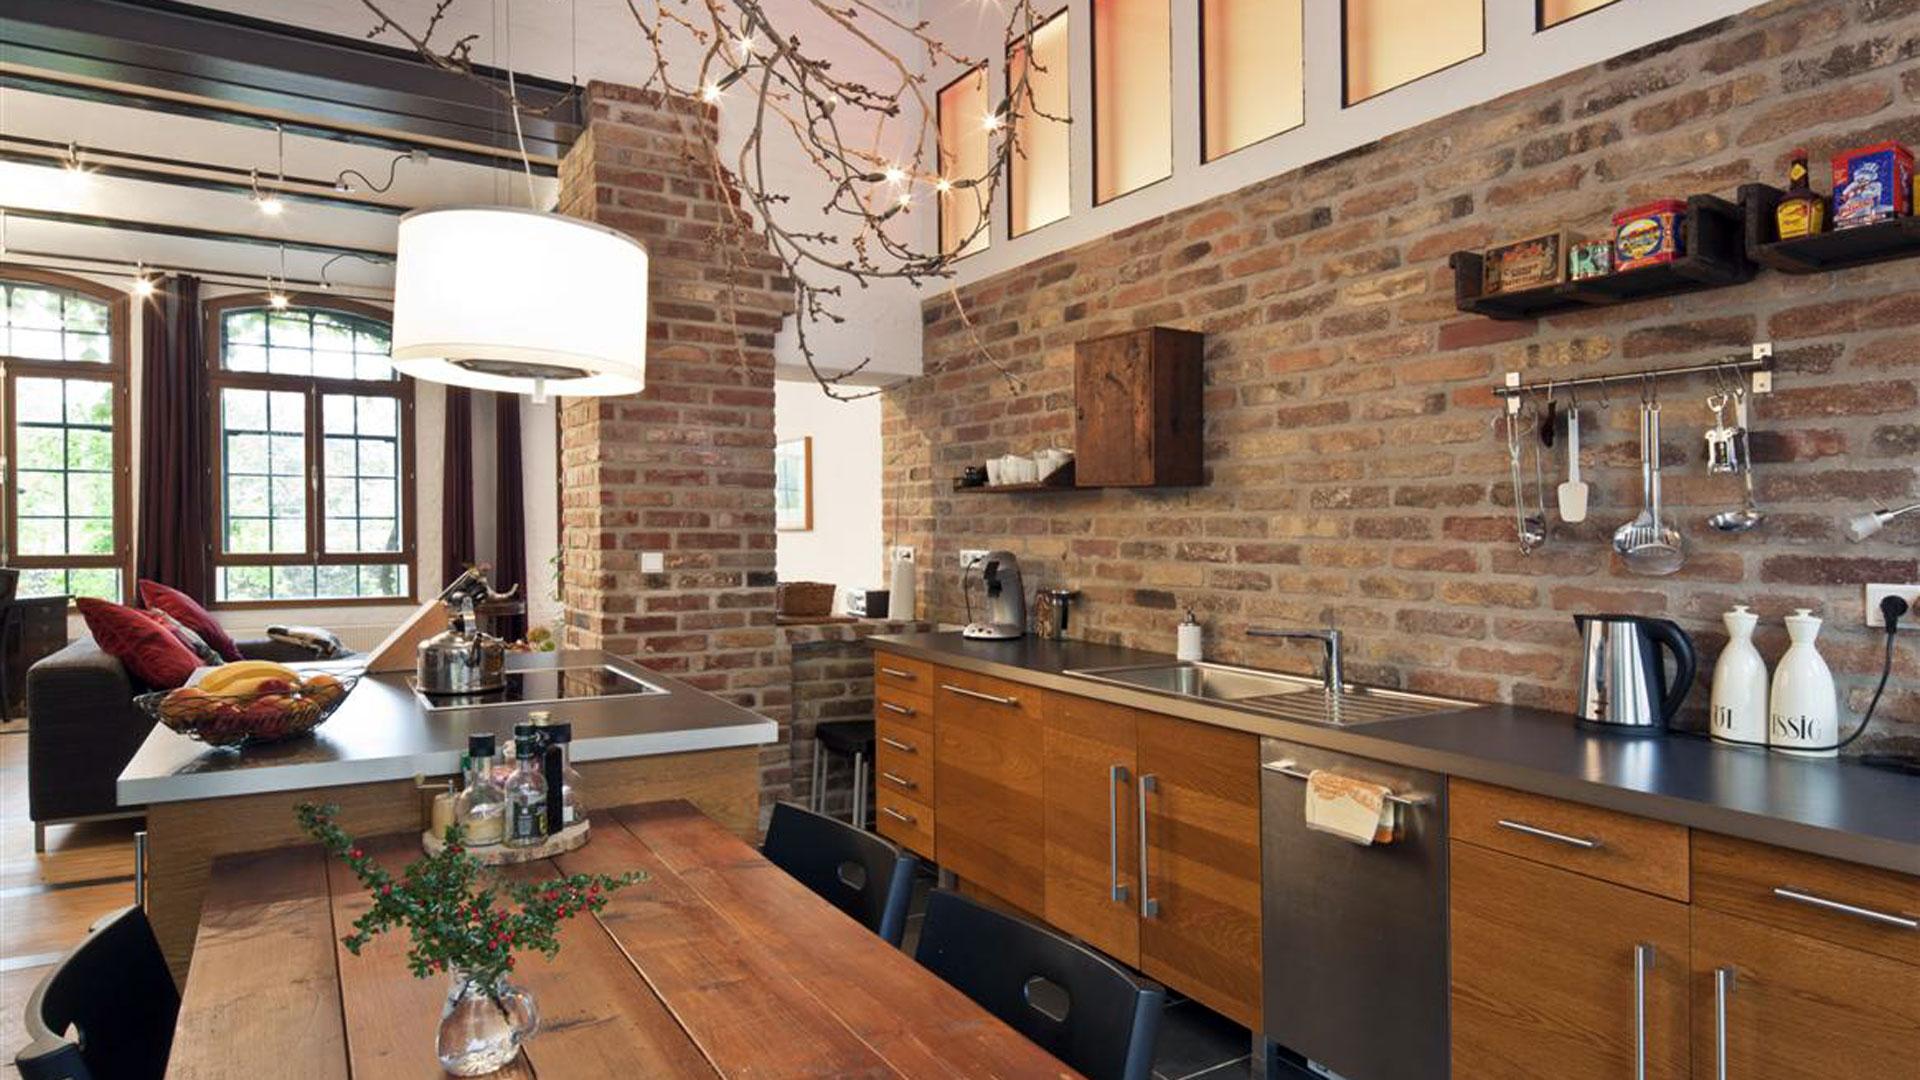 кухня в стиле лофт фото дизайн интерьера дерево сталь кирпич